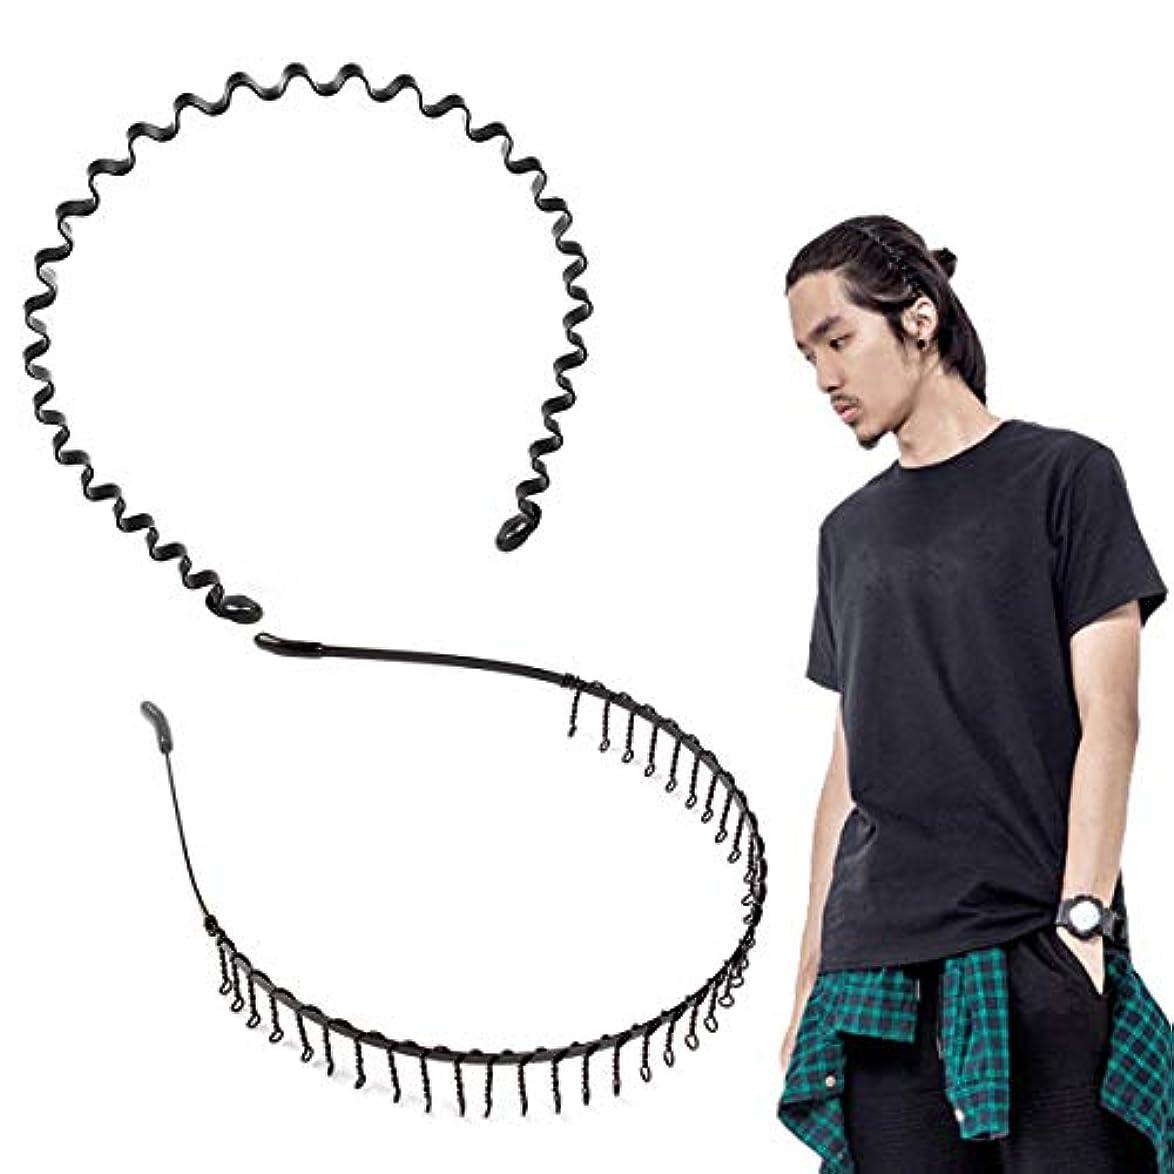 ピカリング鋭く資源shefun メンズ カチューシャ スプリング ヘアバンド 鉄 波型 くし付き 滑り止め 痛くない 黒 シンプル 前髪 髪飾り 2本セット JP159